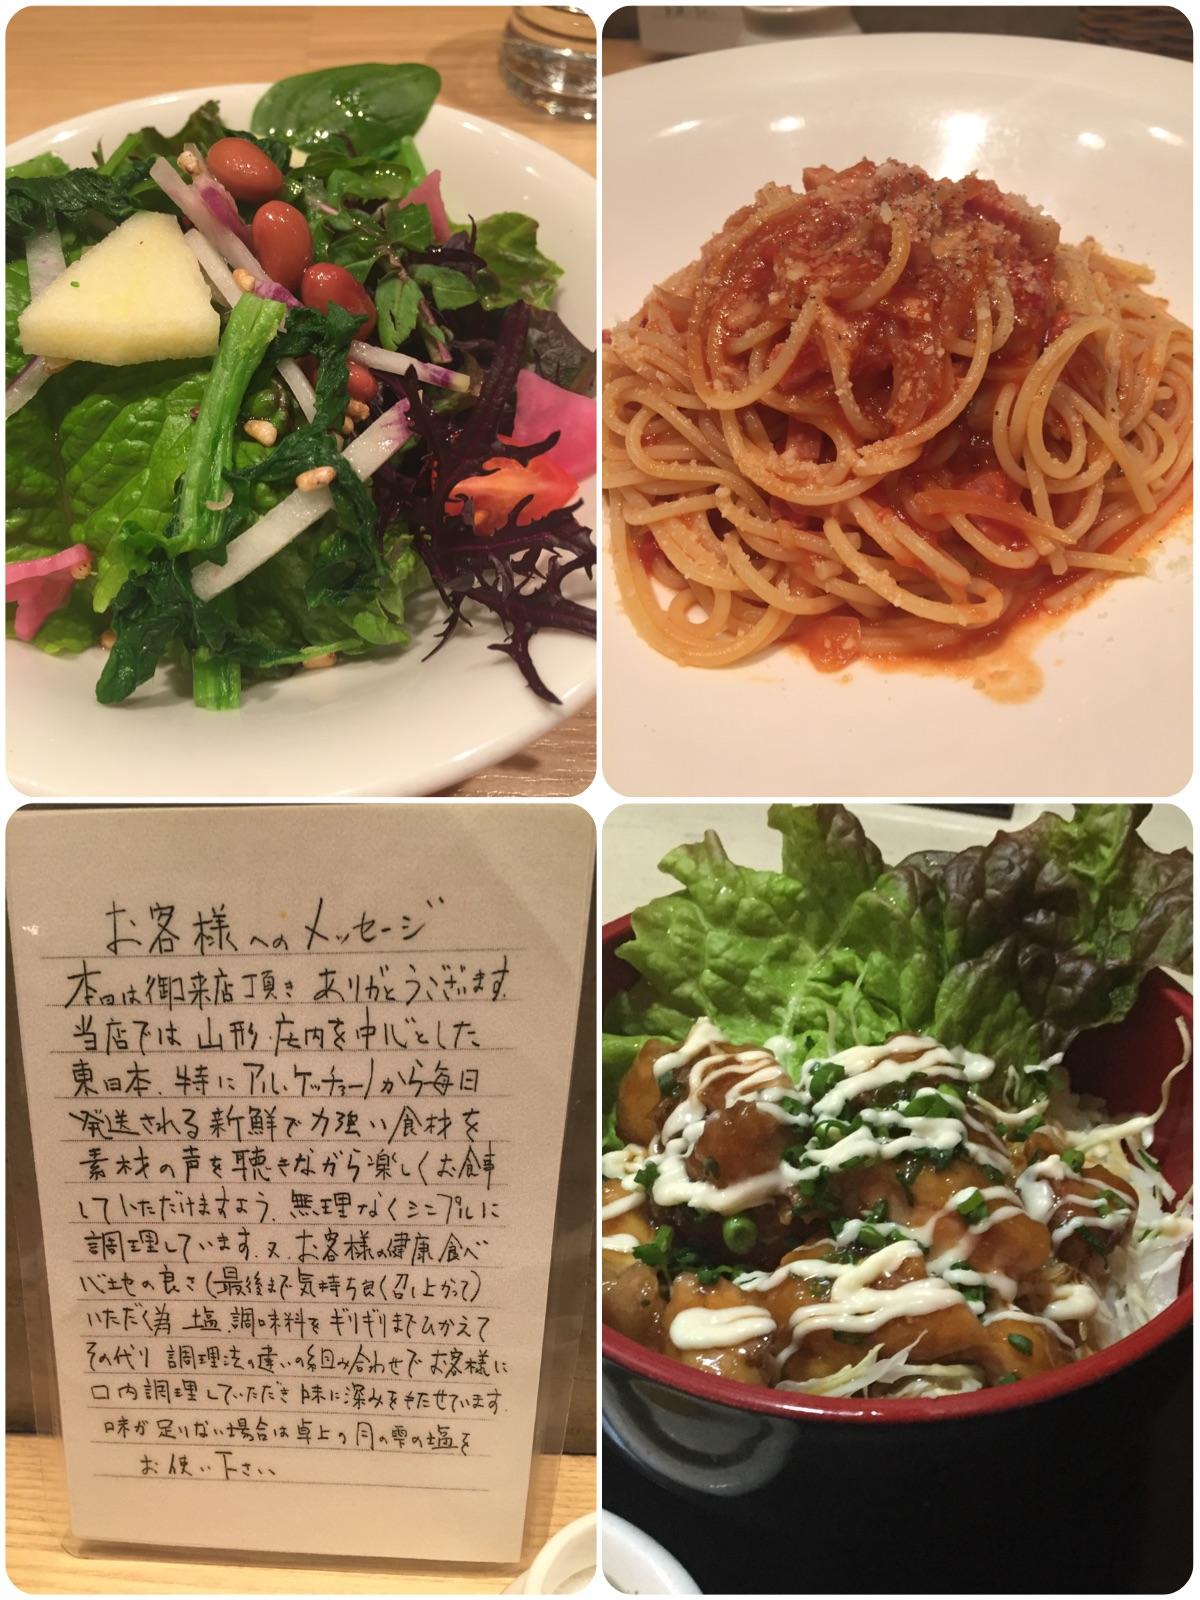 東京駅の晩御飯と次の日のお昼